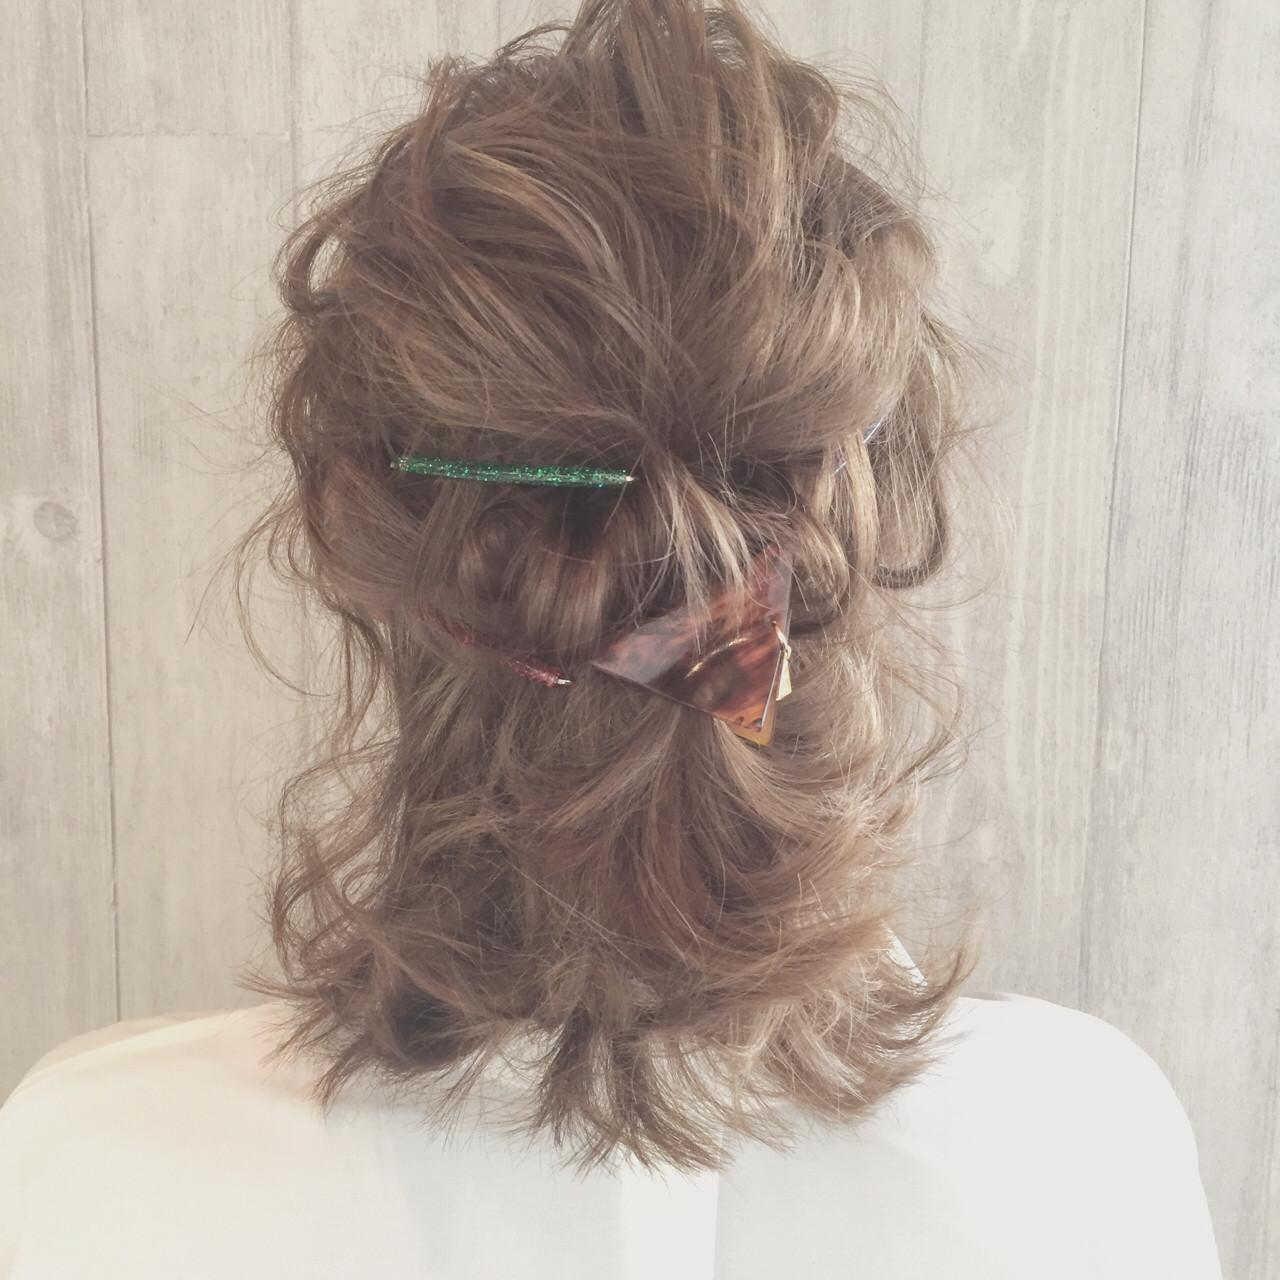 「こなれヘア」ってどうやって作るの?こなれ感を簡単に出すポイントを一挙公開! 宮田 恵里香  igloo